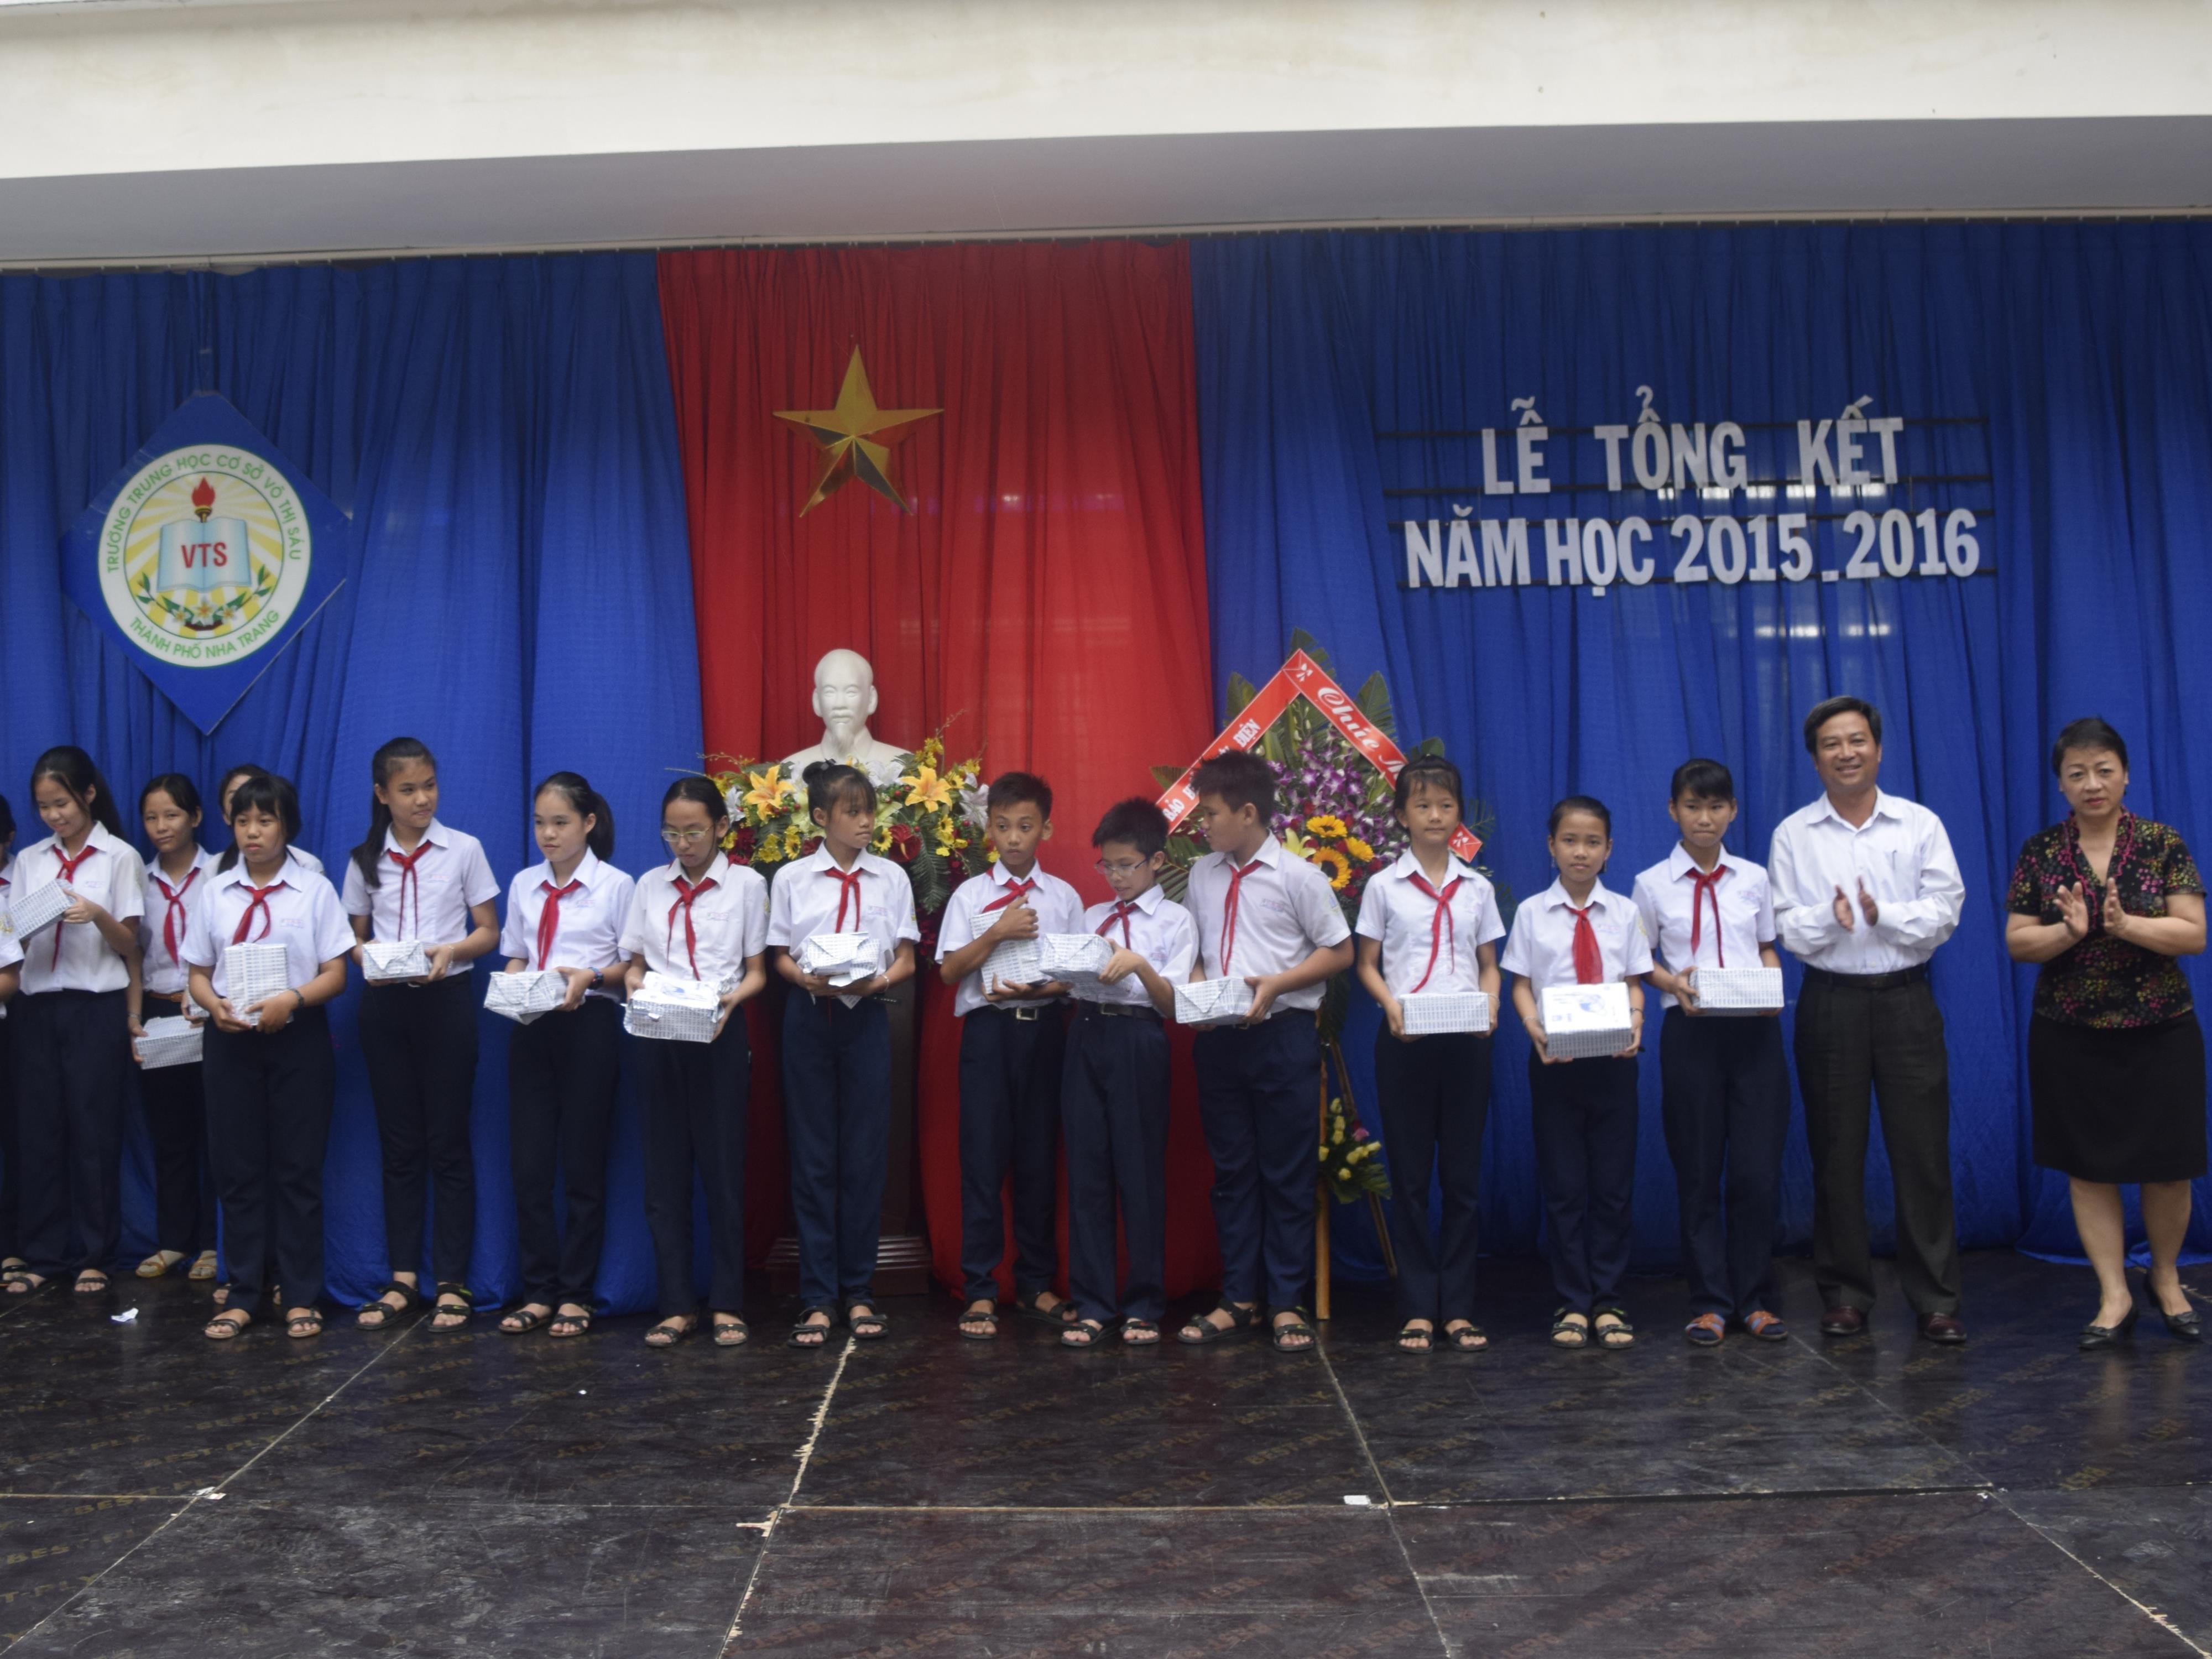 Lễ Tổng kết năm học 2015-2016 của Trường THCS Võ Thị Sáu